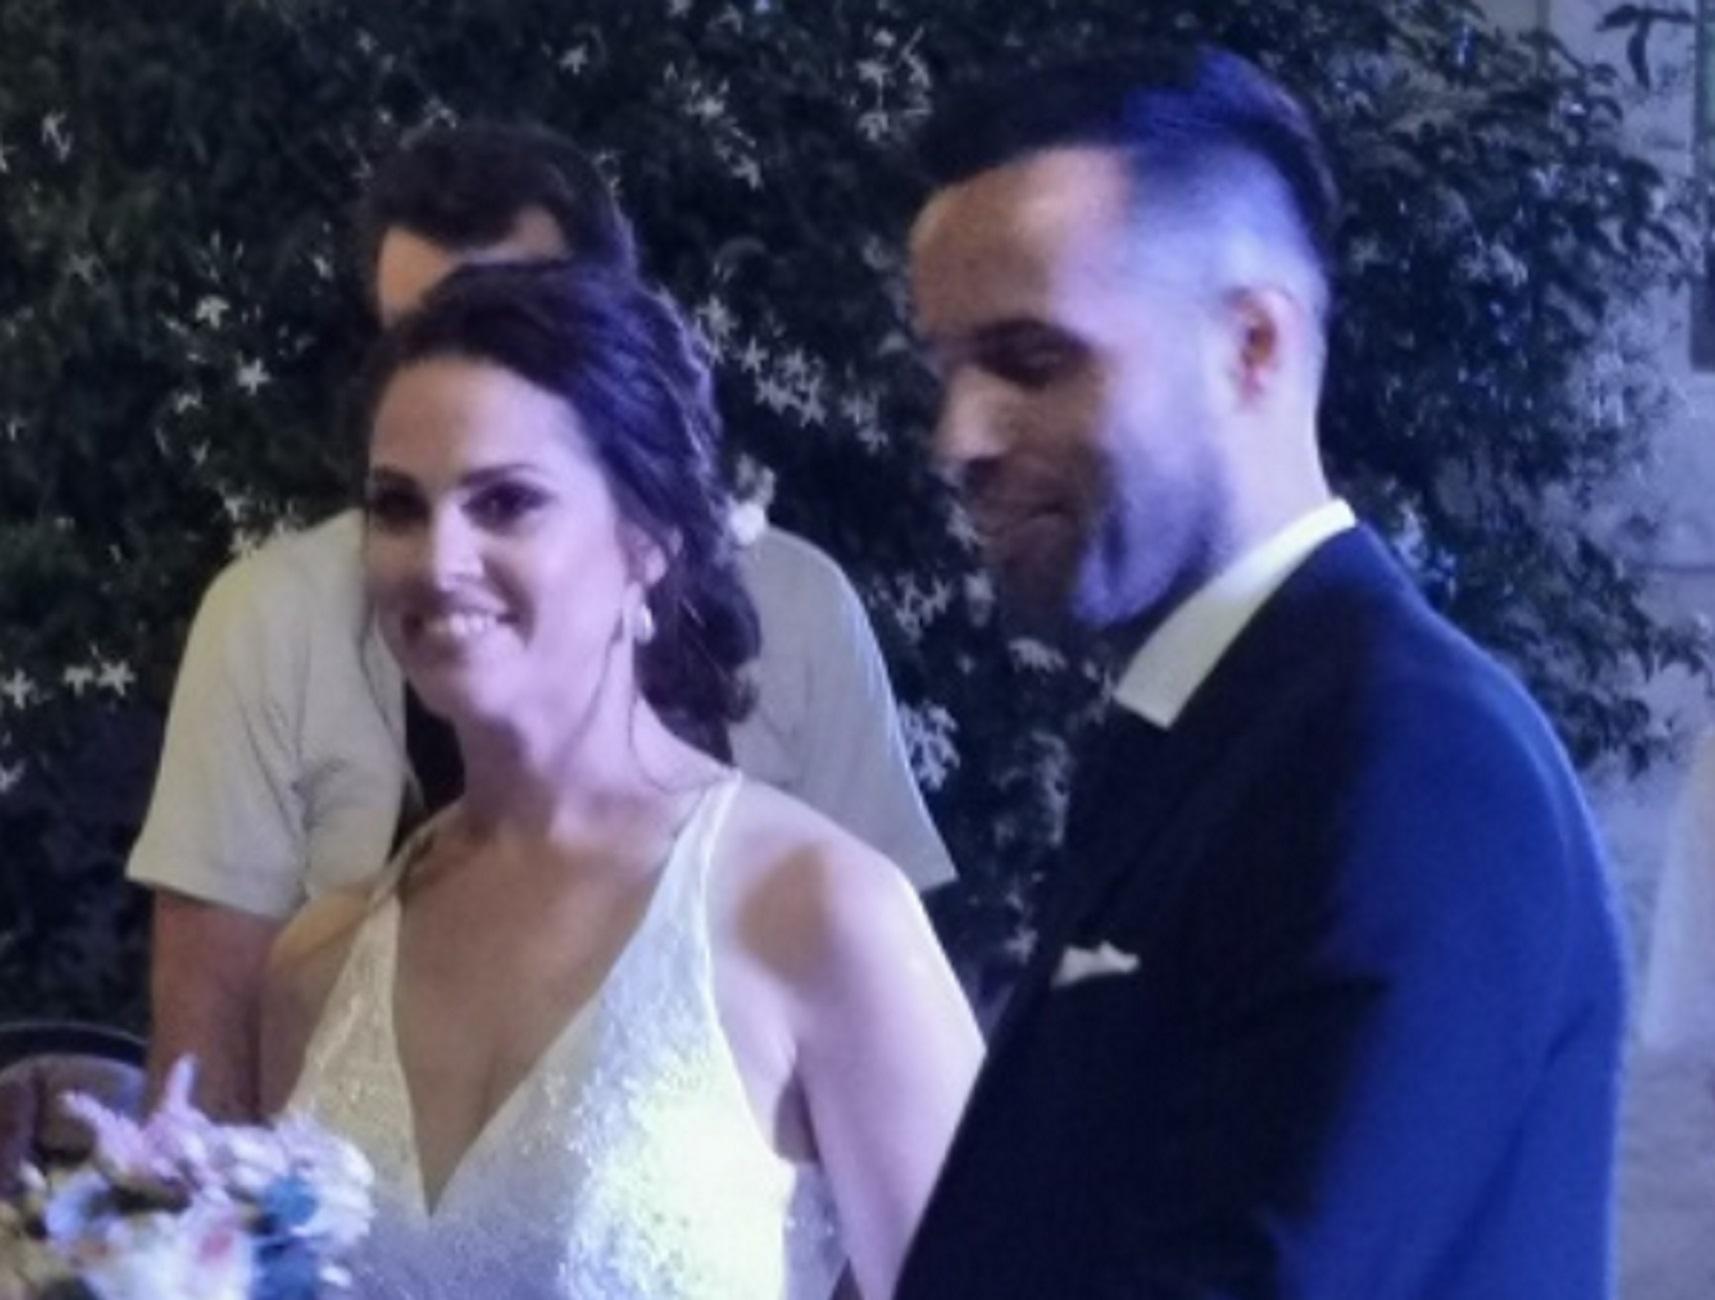 Σύρος: Γαμπρός και νύφη έζησαν το όνειρό τους – Παραμυθένιος γάμος με στιγμές συγκίνησης